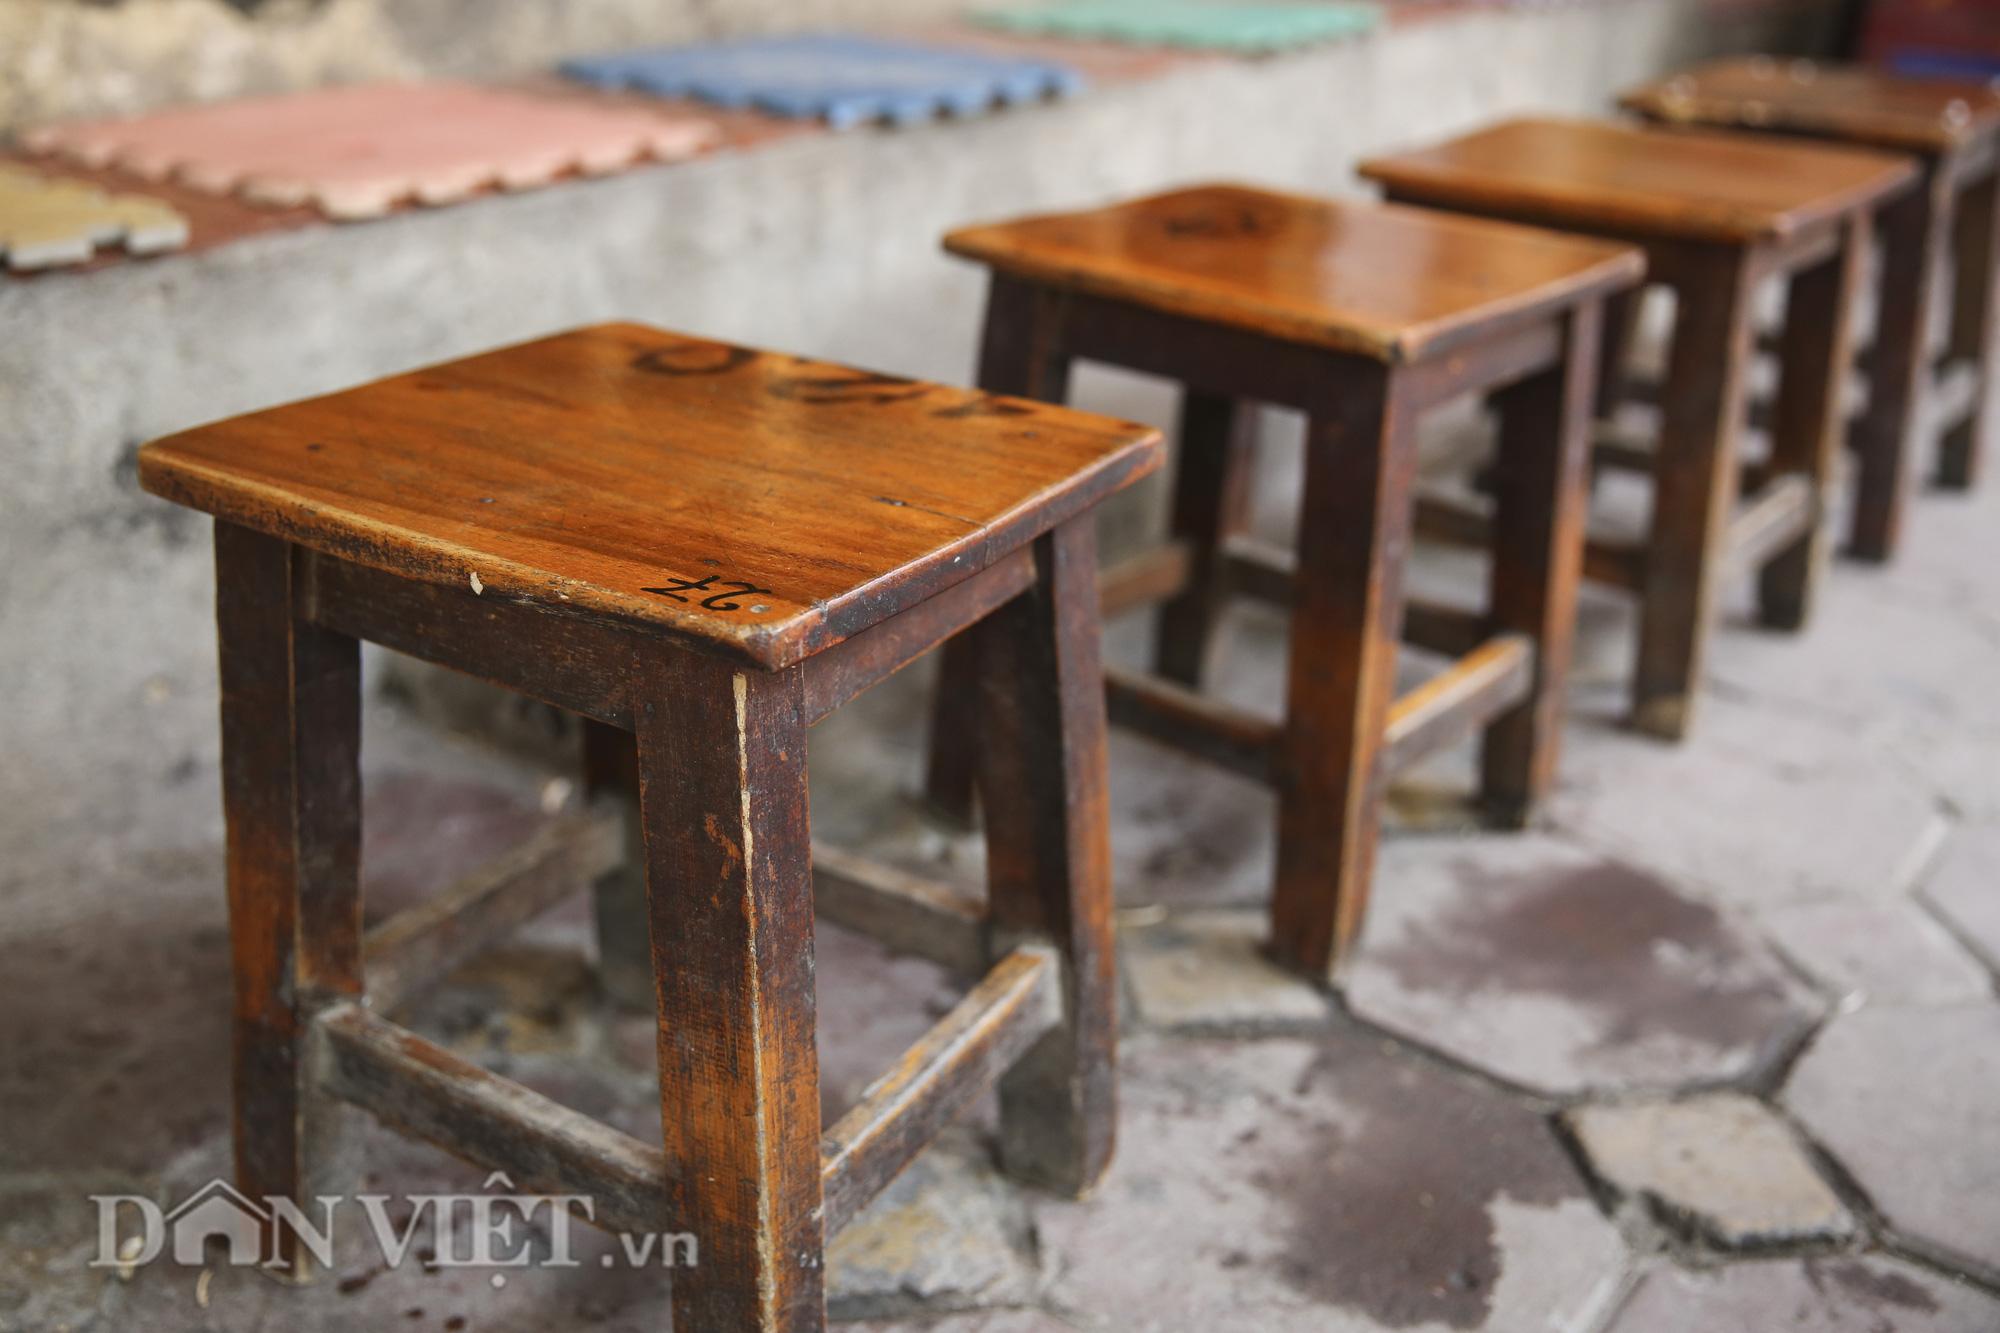 """Ngất ngây hương vị """"rang củi"""" tại quán cà phê lâu đời nhất Hà Nội - Ảnh 10."""